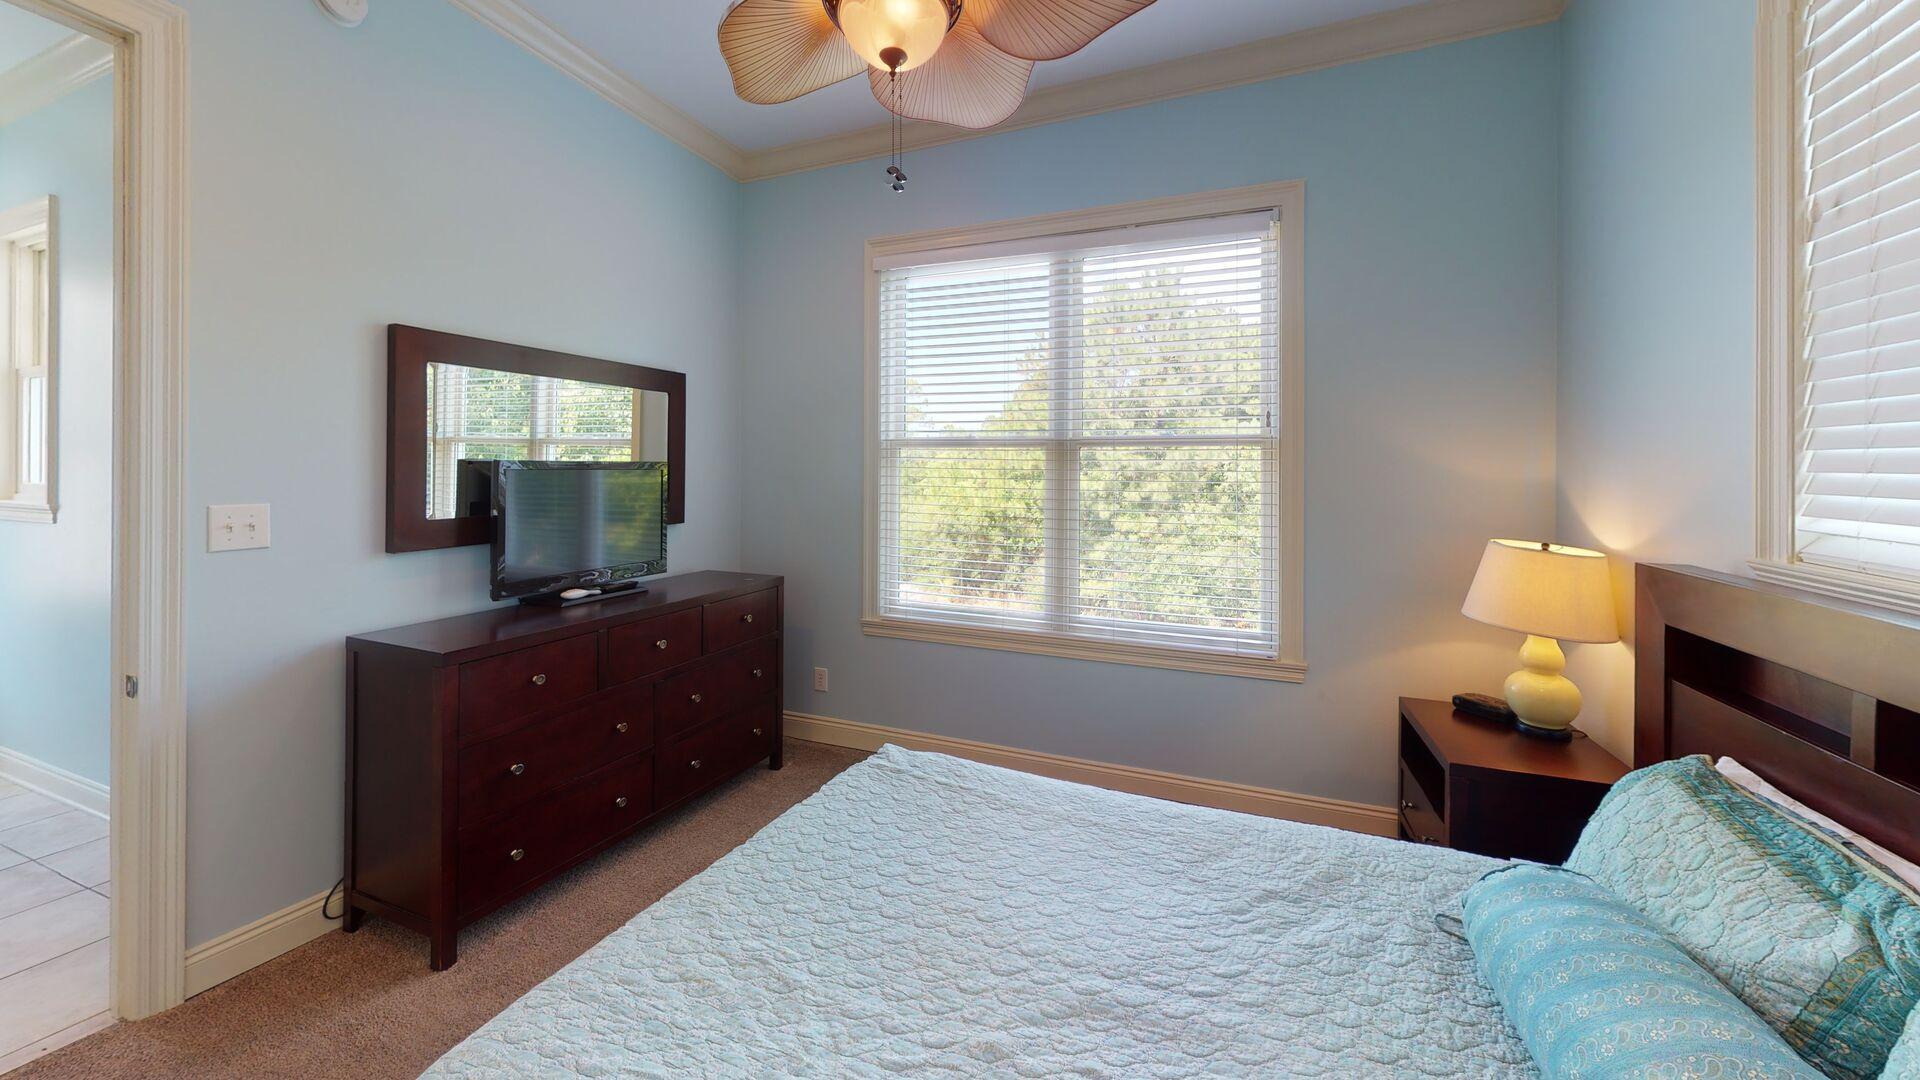 2nd floor bedroom 1 has a queen bed and TV